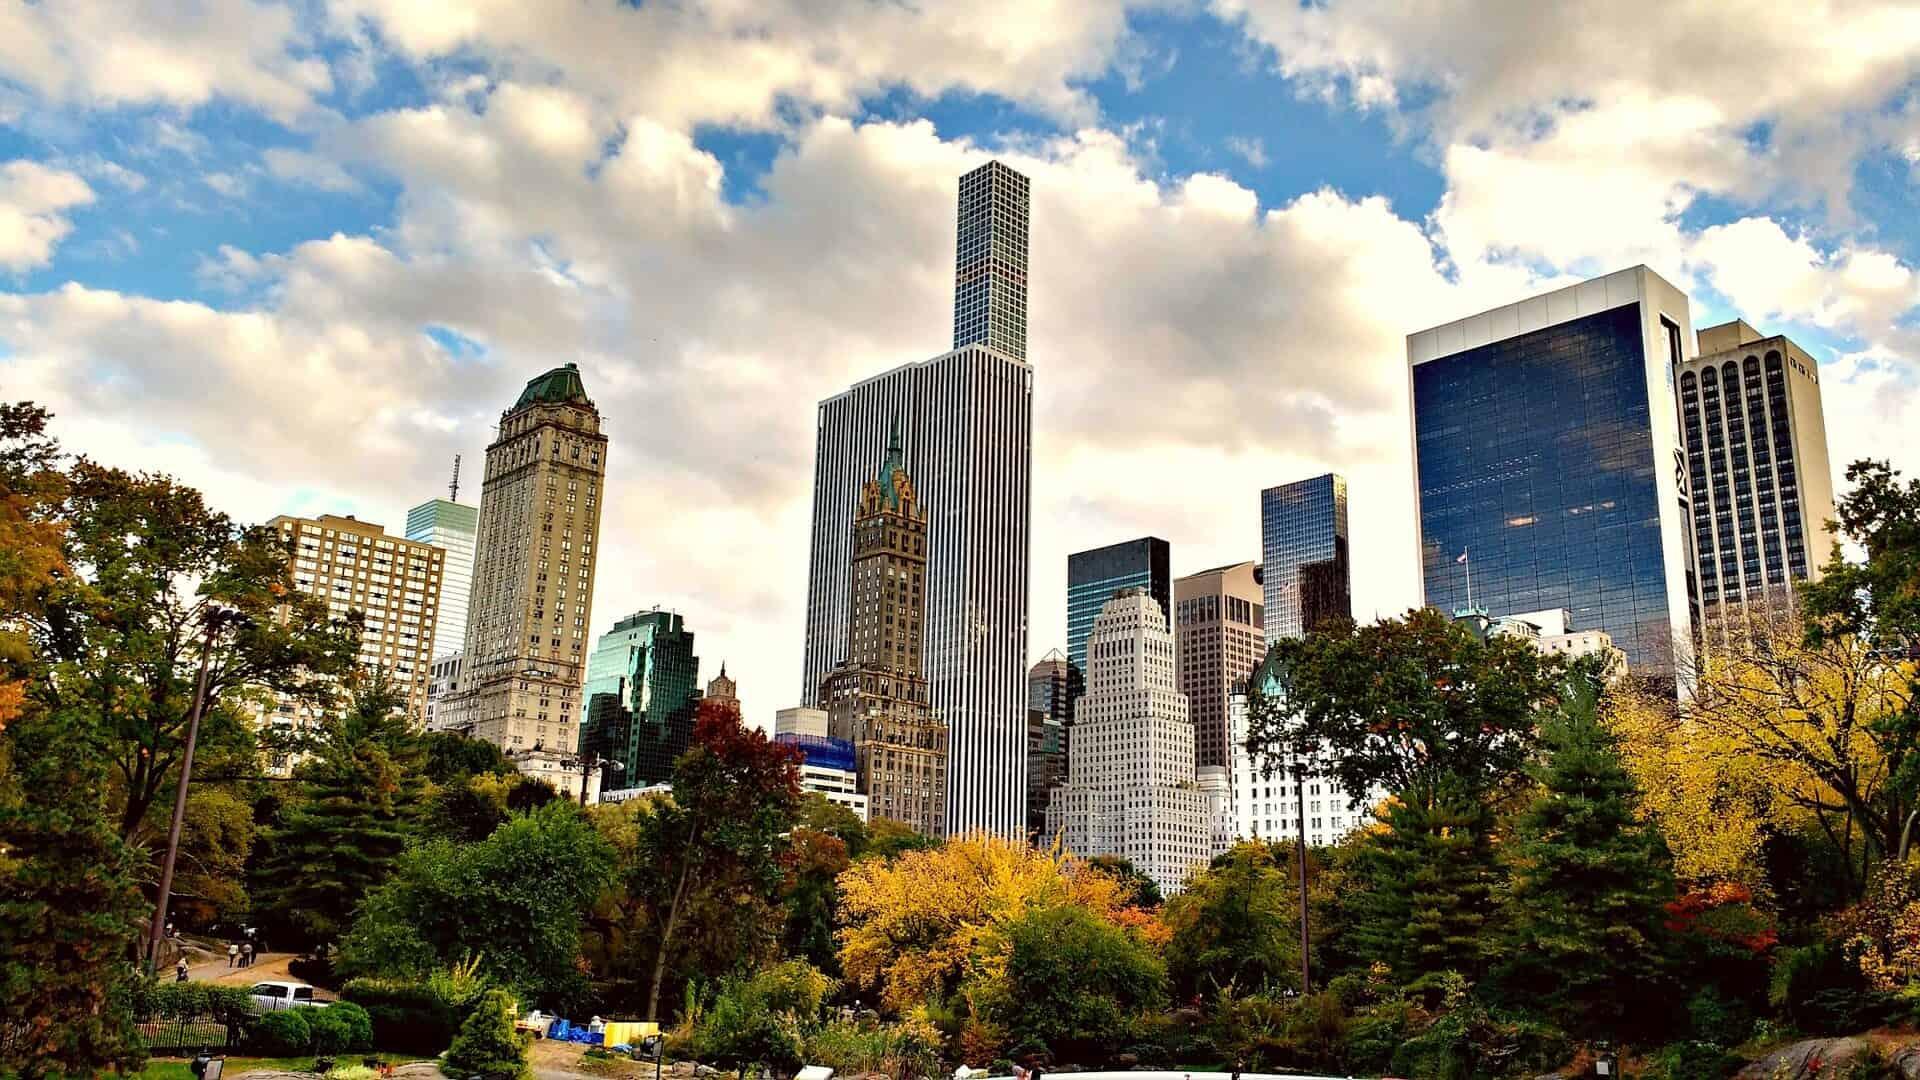 lugares de nueva york que salen en peliculas central park